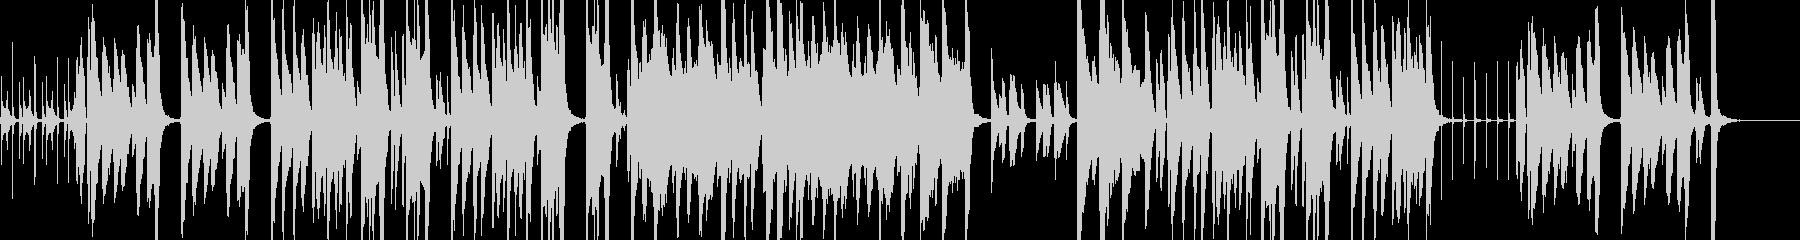 悪戯っぽい・ほのぼの日常なアニメBGM風の未再生の波形